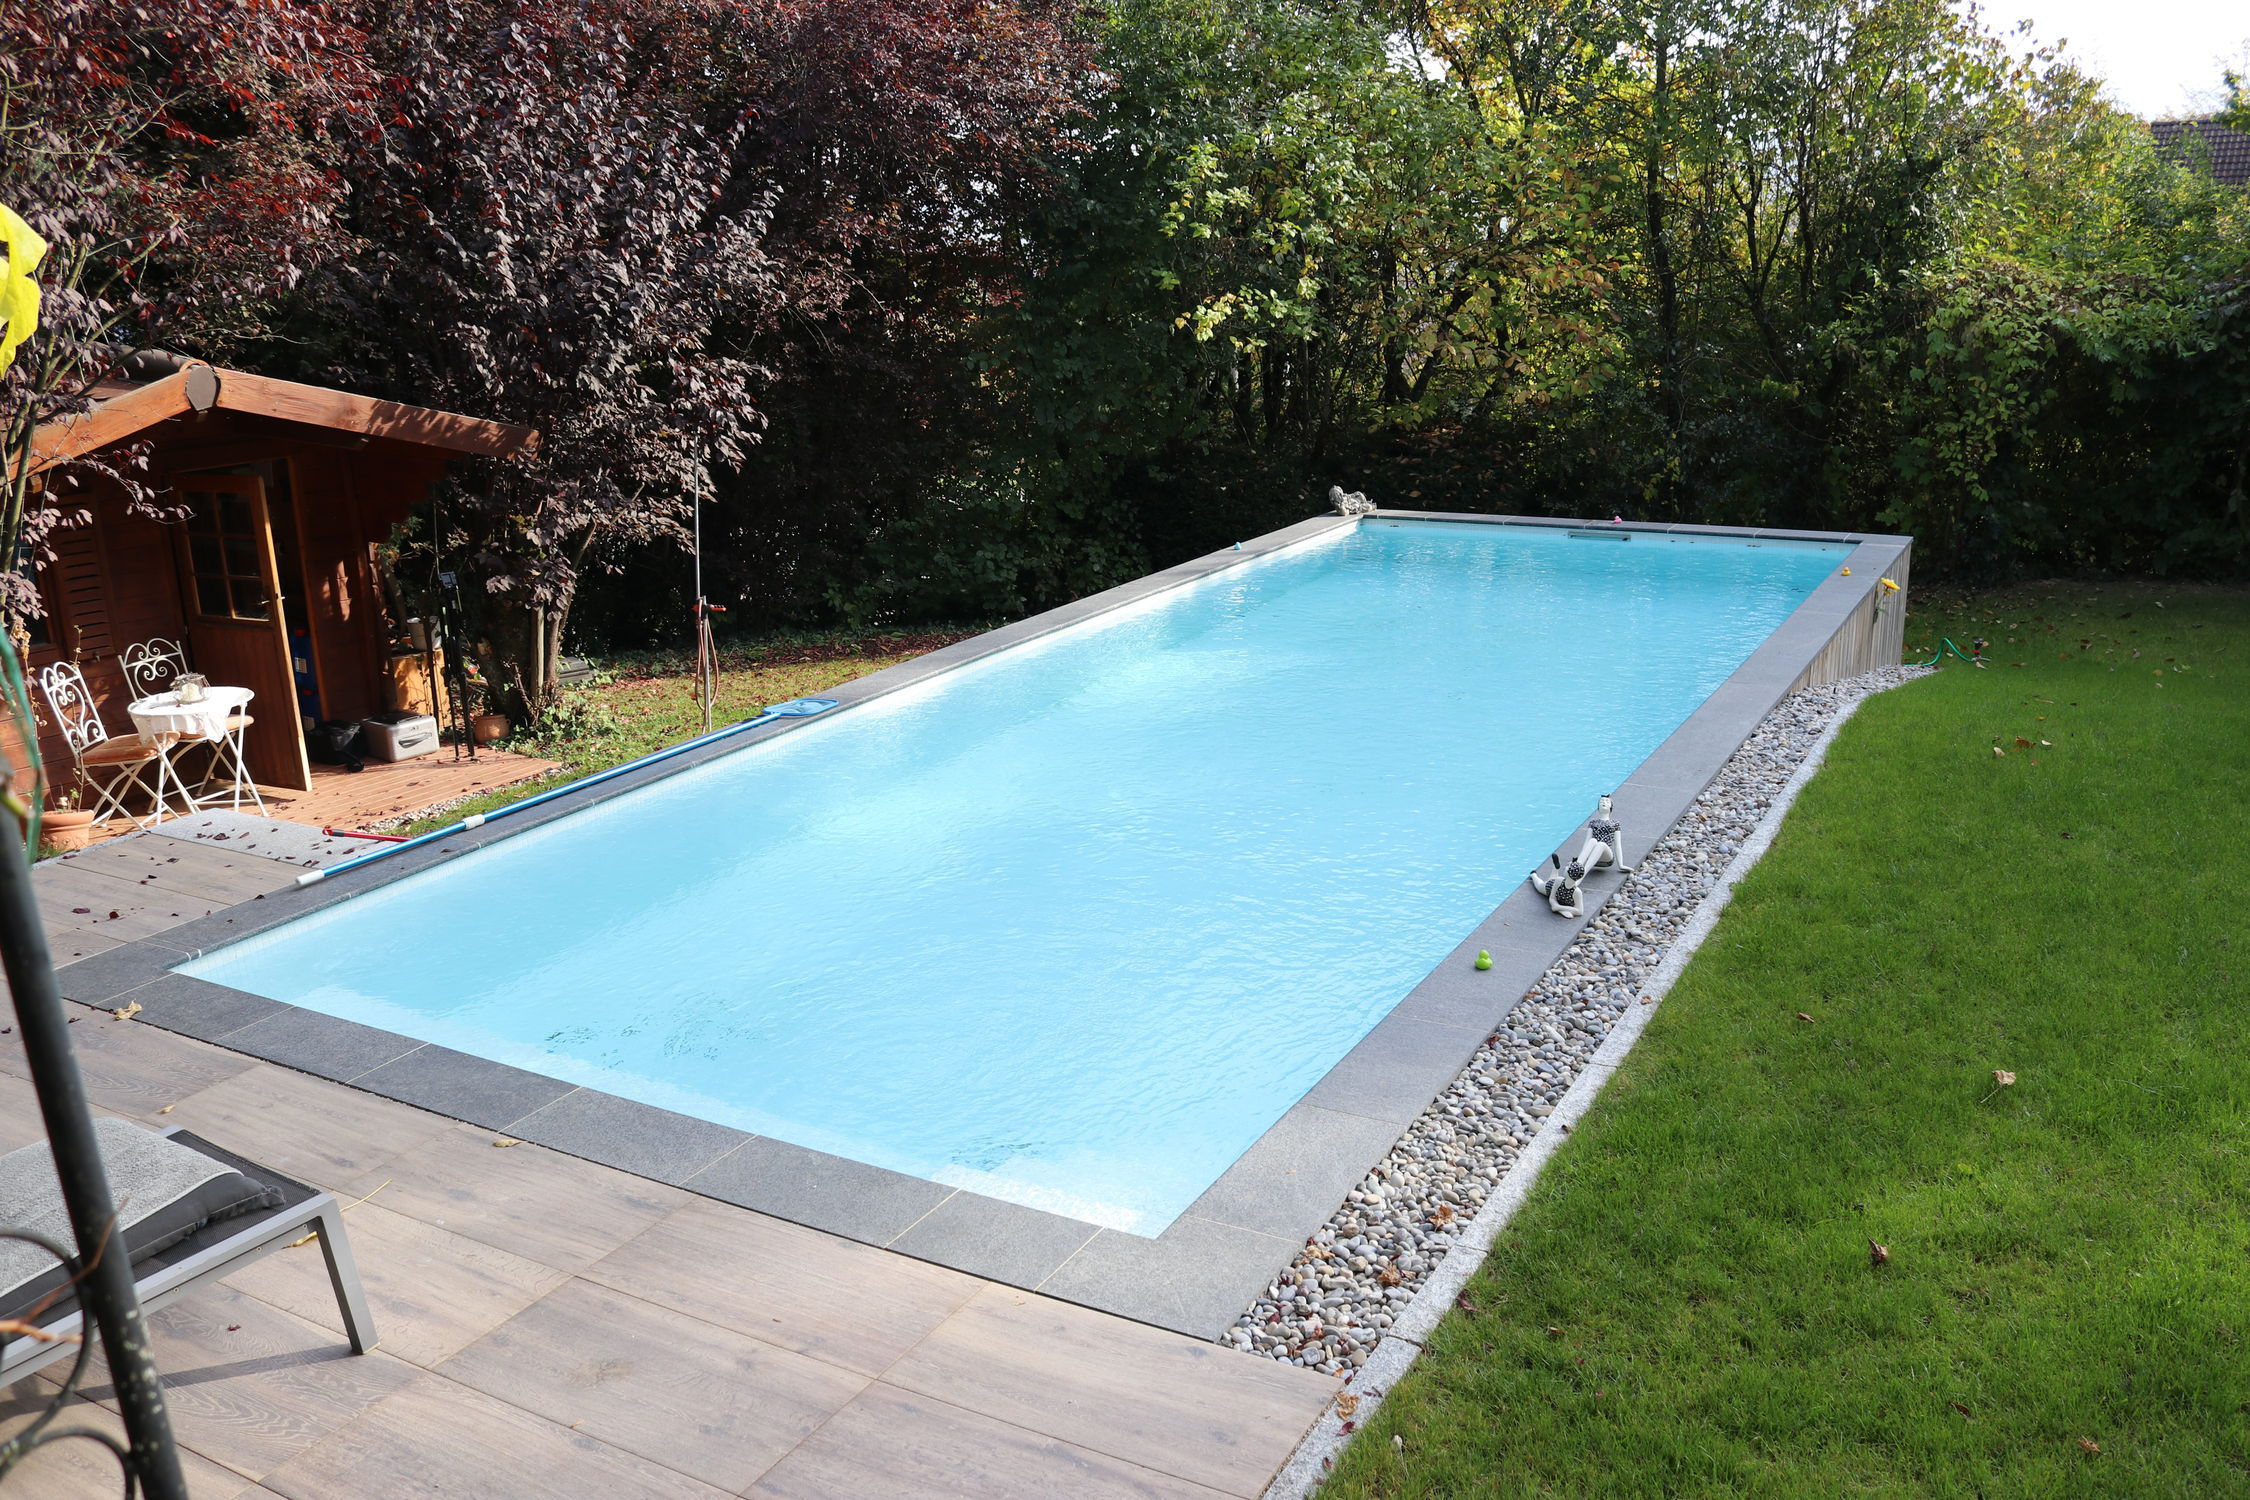 Piscine Coque / Enterrée / En Composite / Pour Hôtel 10.00 X 3.70 X 1.50  Tilestone Pools One Piece Tiled Pools pour Piscine Semi Enterrée Coque